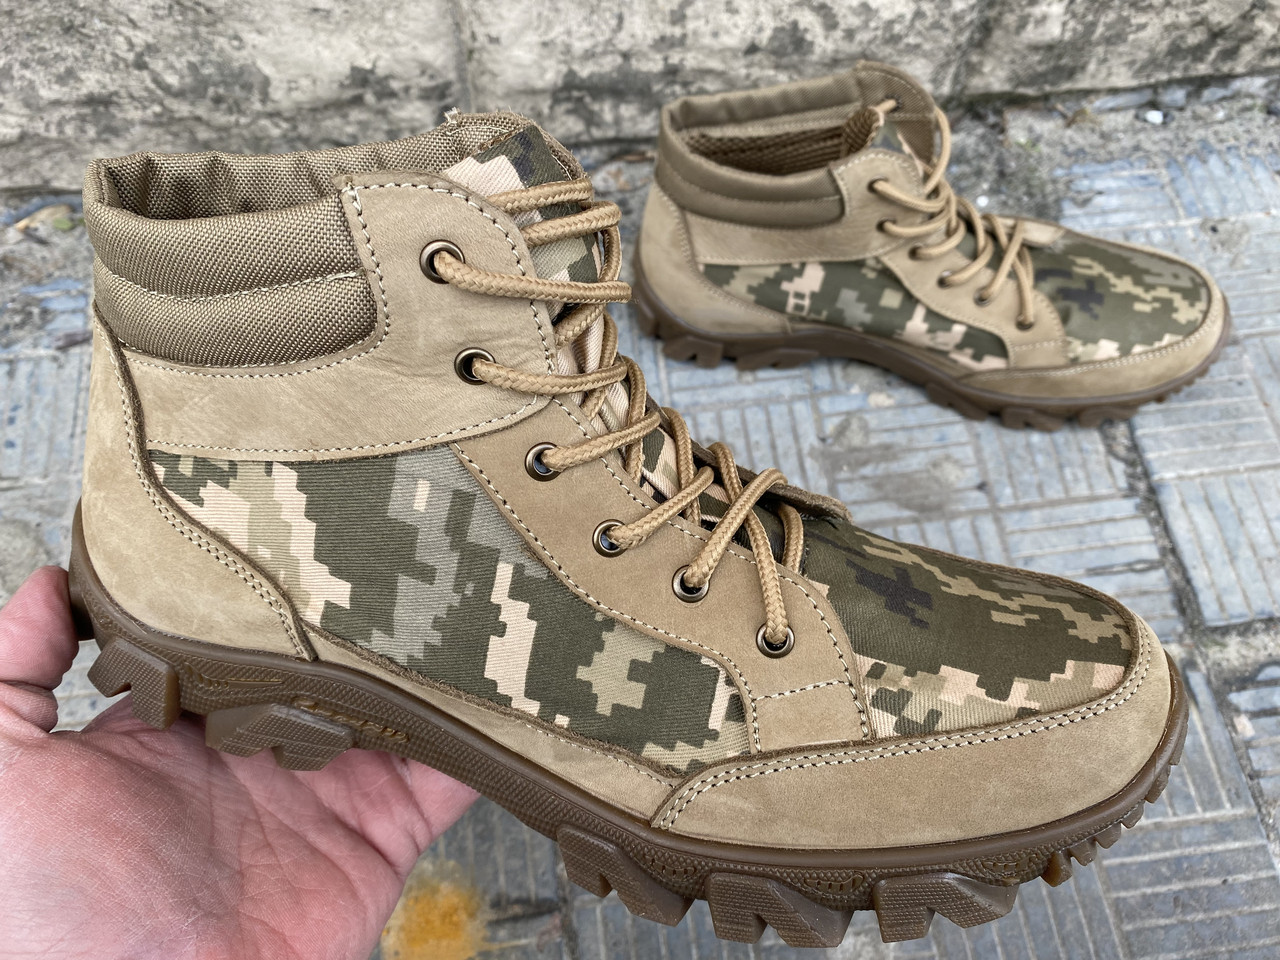 Ботинки тактические, берцы летние из натуральной кожи и ткани пиксель ДК ботинок писель